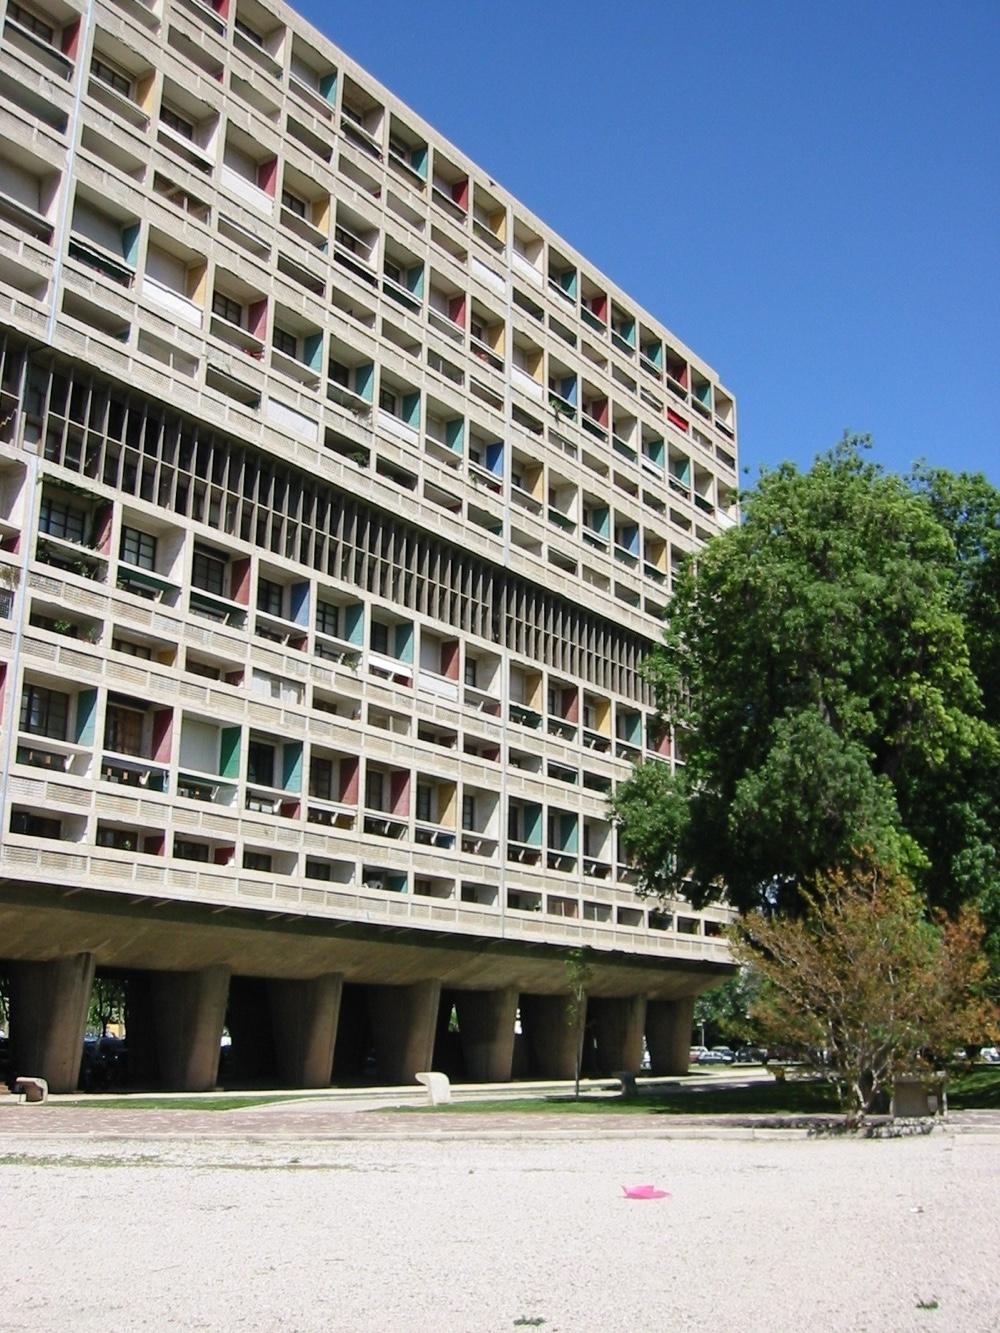 Unité d'Habitation, Marseille, France, 1945. Photo byBénédicte Gandini©FLC/ADAGP.